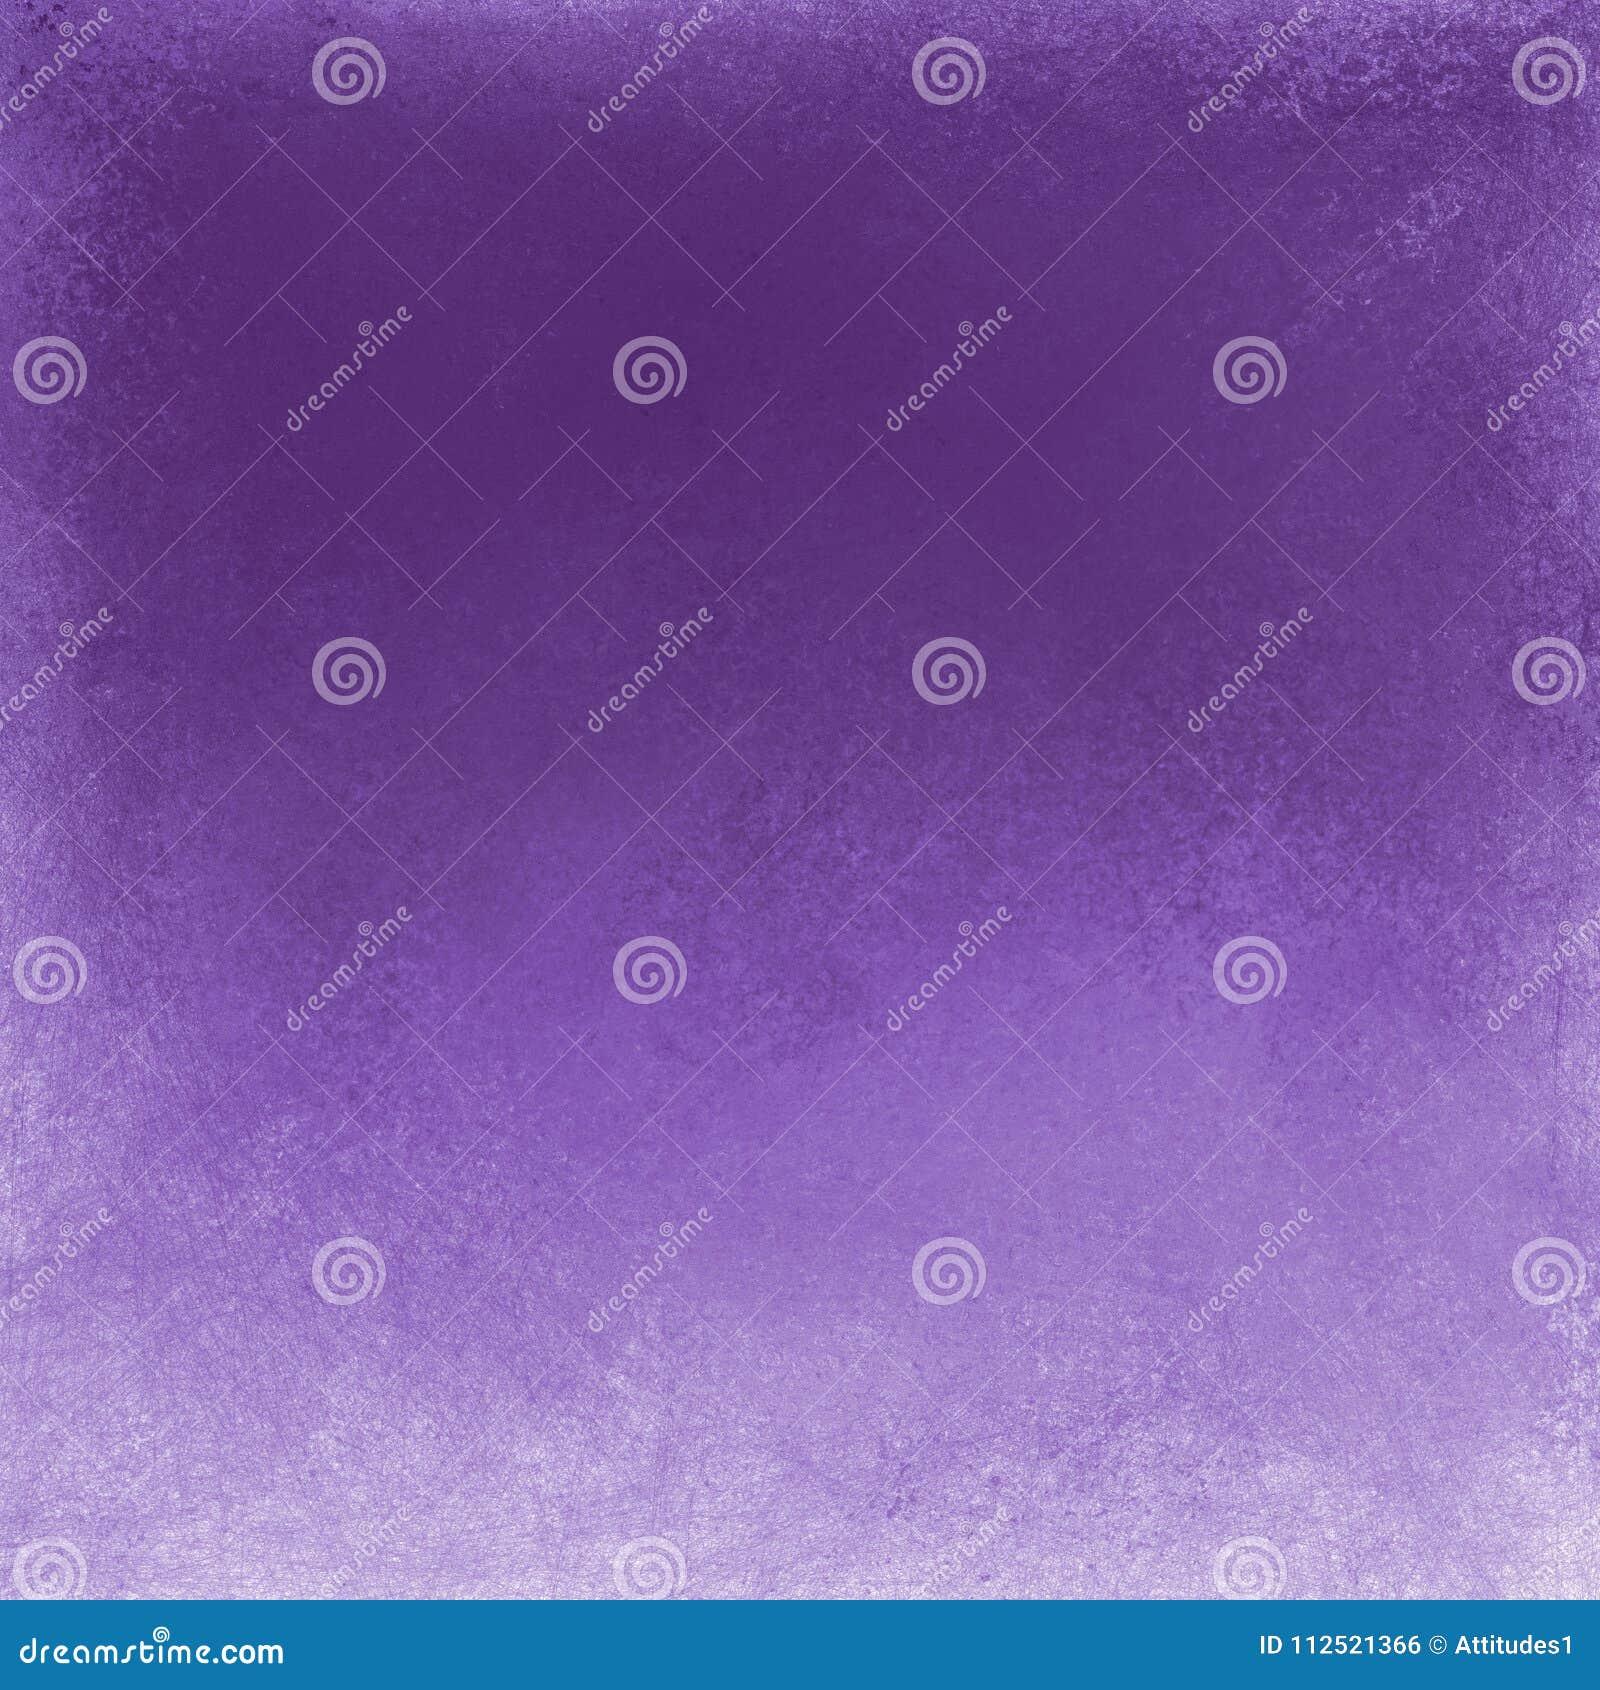 Violette purpere achtergrond met witte grungegrens, bevlekt slordig uitstekend textuurontwerp